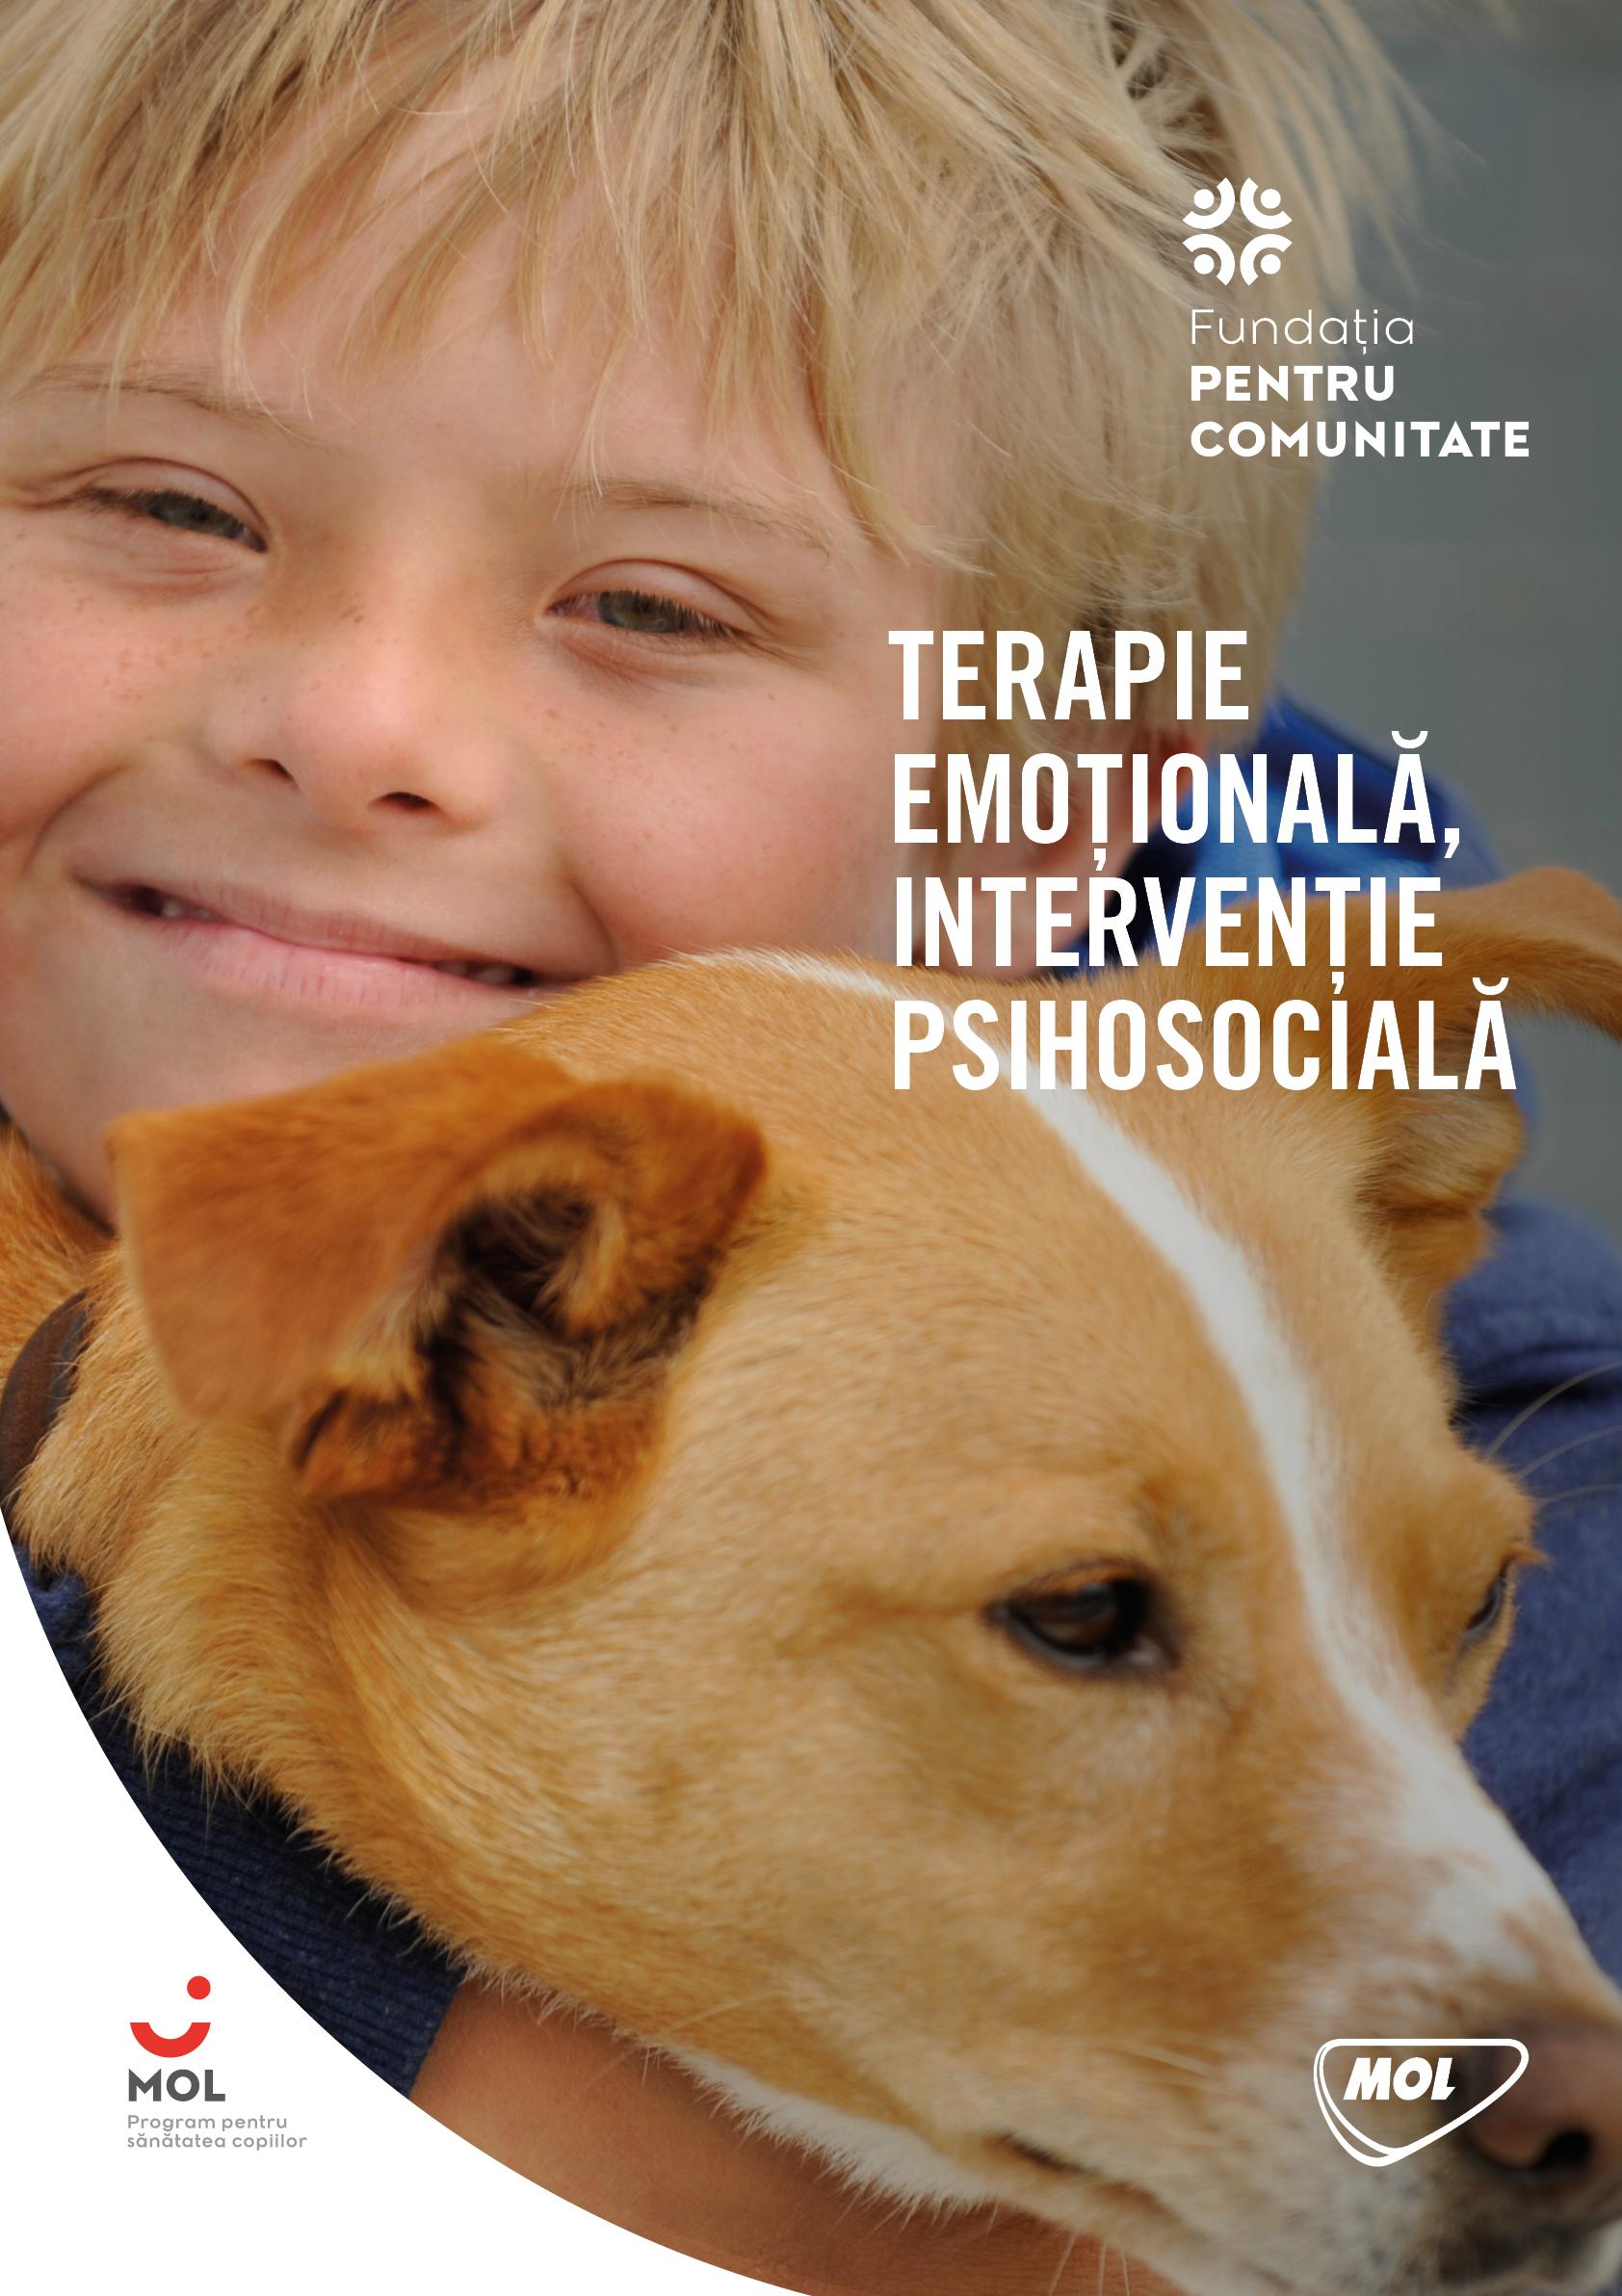 Programul MOL pentru sănătatea copiilor, ediția a 11-a: 18 ONG-uri de specialitate primesc 400.000 lei pentru proiecte de terapie emoțională și intervenții psihosociale